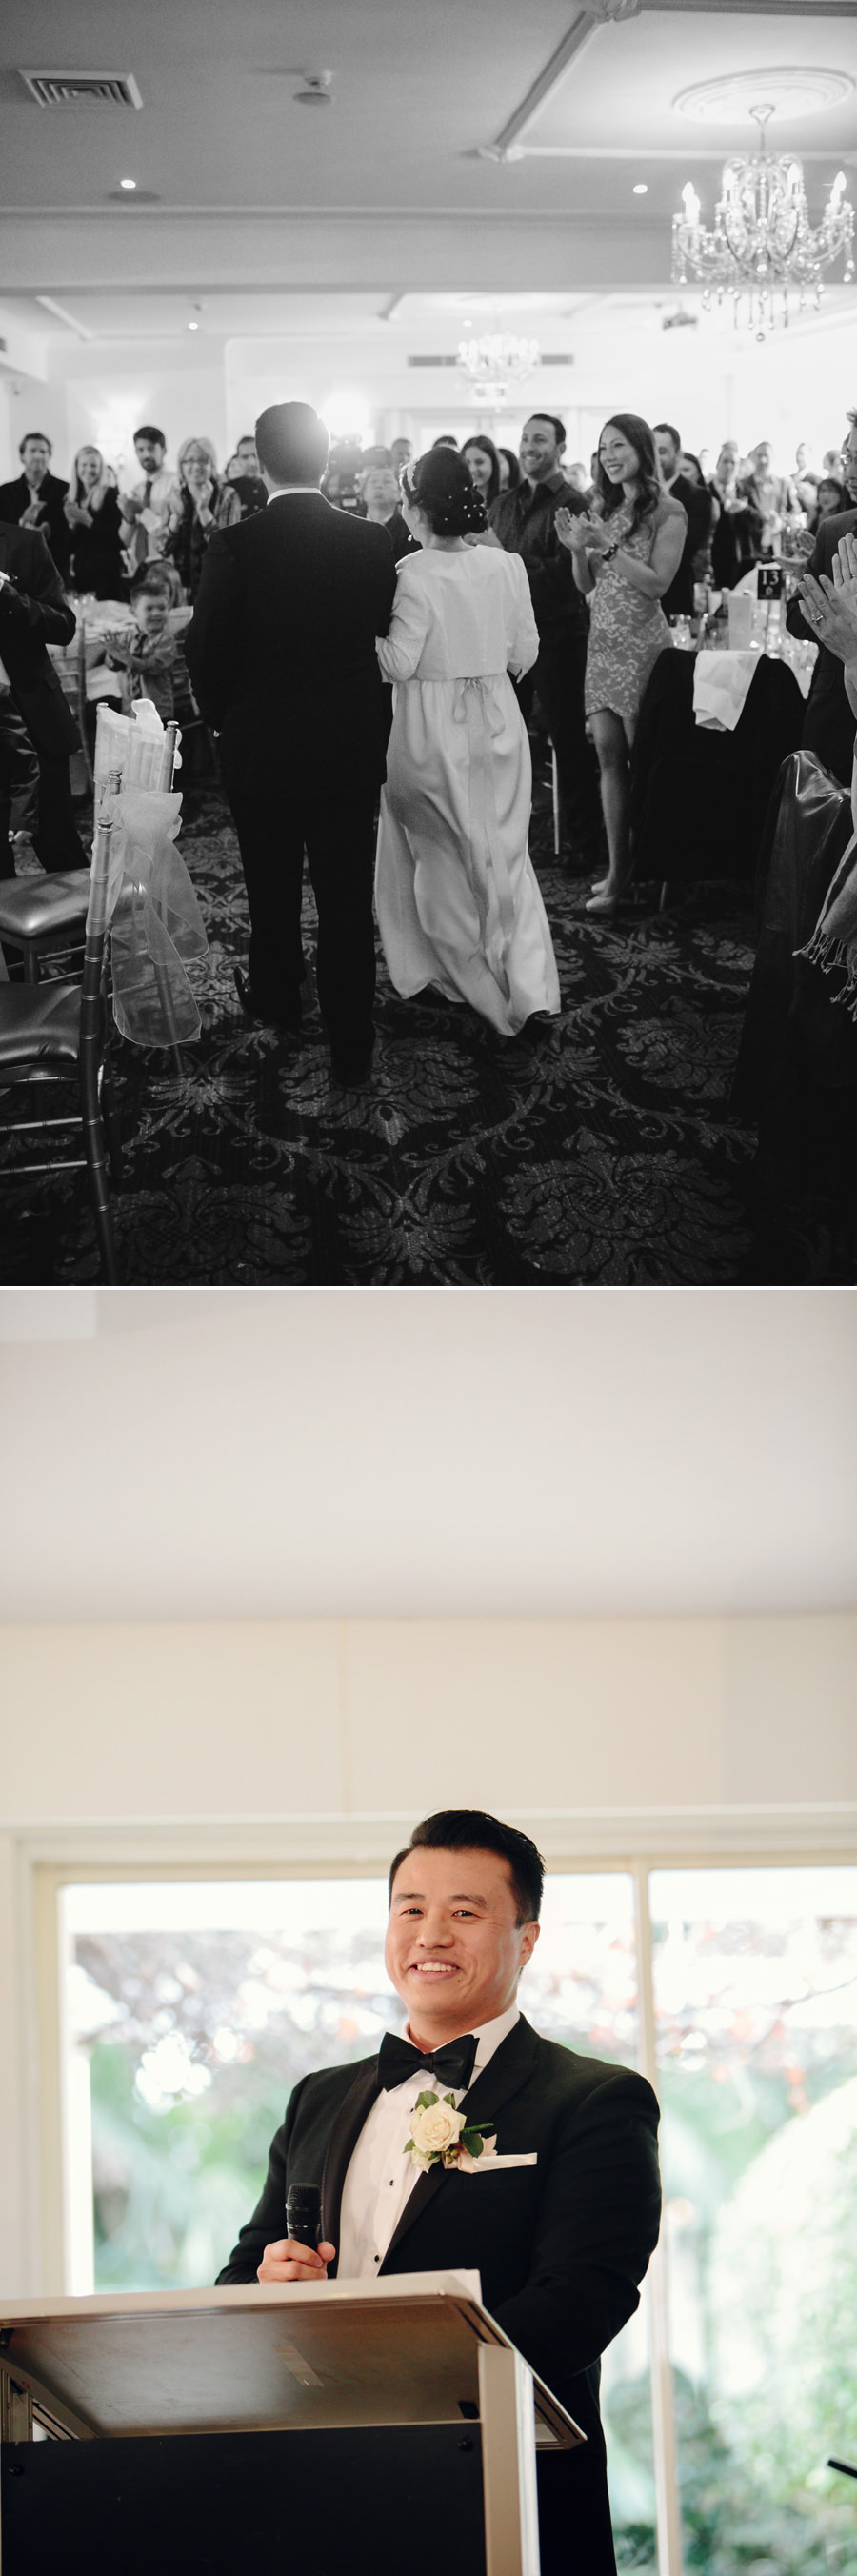 Garden Ballroom Wedding Photography: Reception